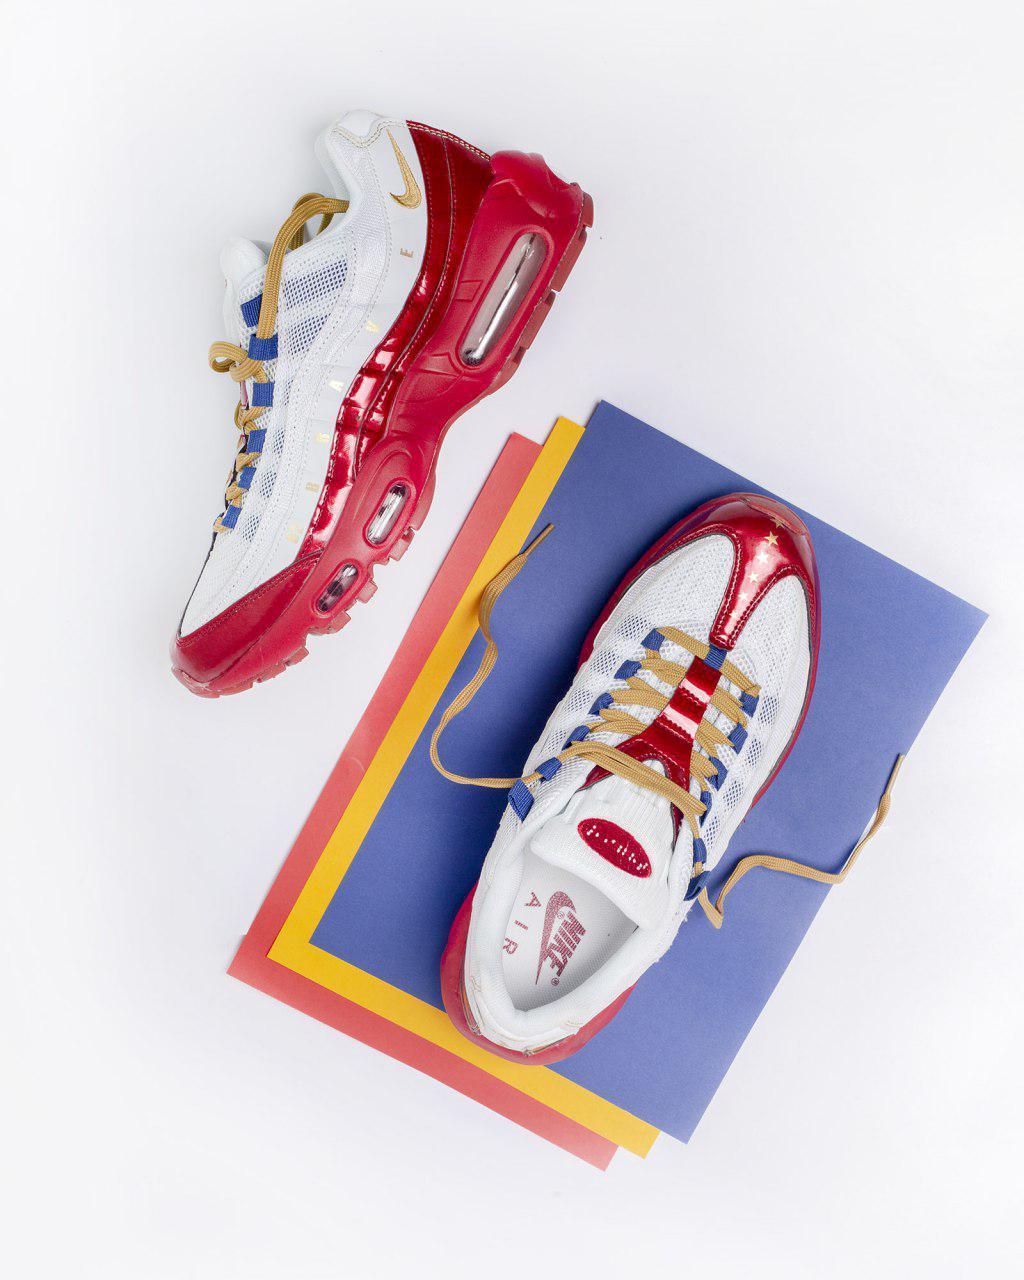 Кроссовки Nike Air Max 95 , Мужские,Белые, Красные,Кожа/Текстиль. Кросівки Чоловічі, Білі, Шкіра, 42-45